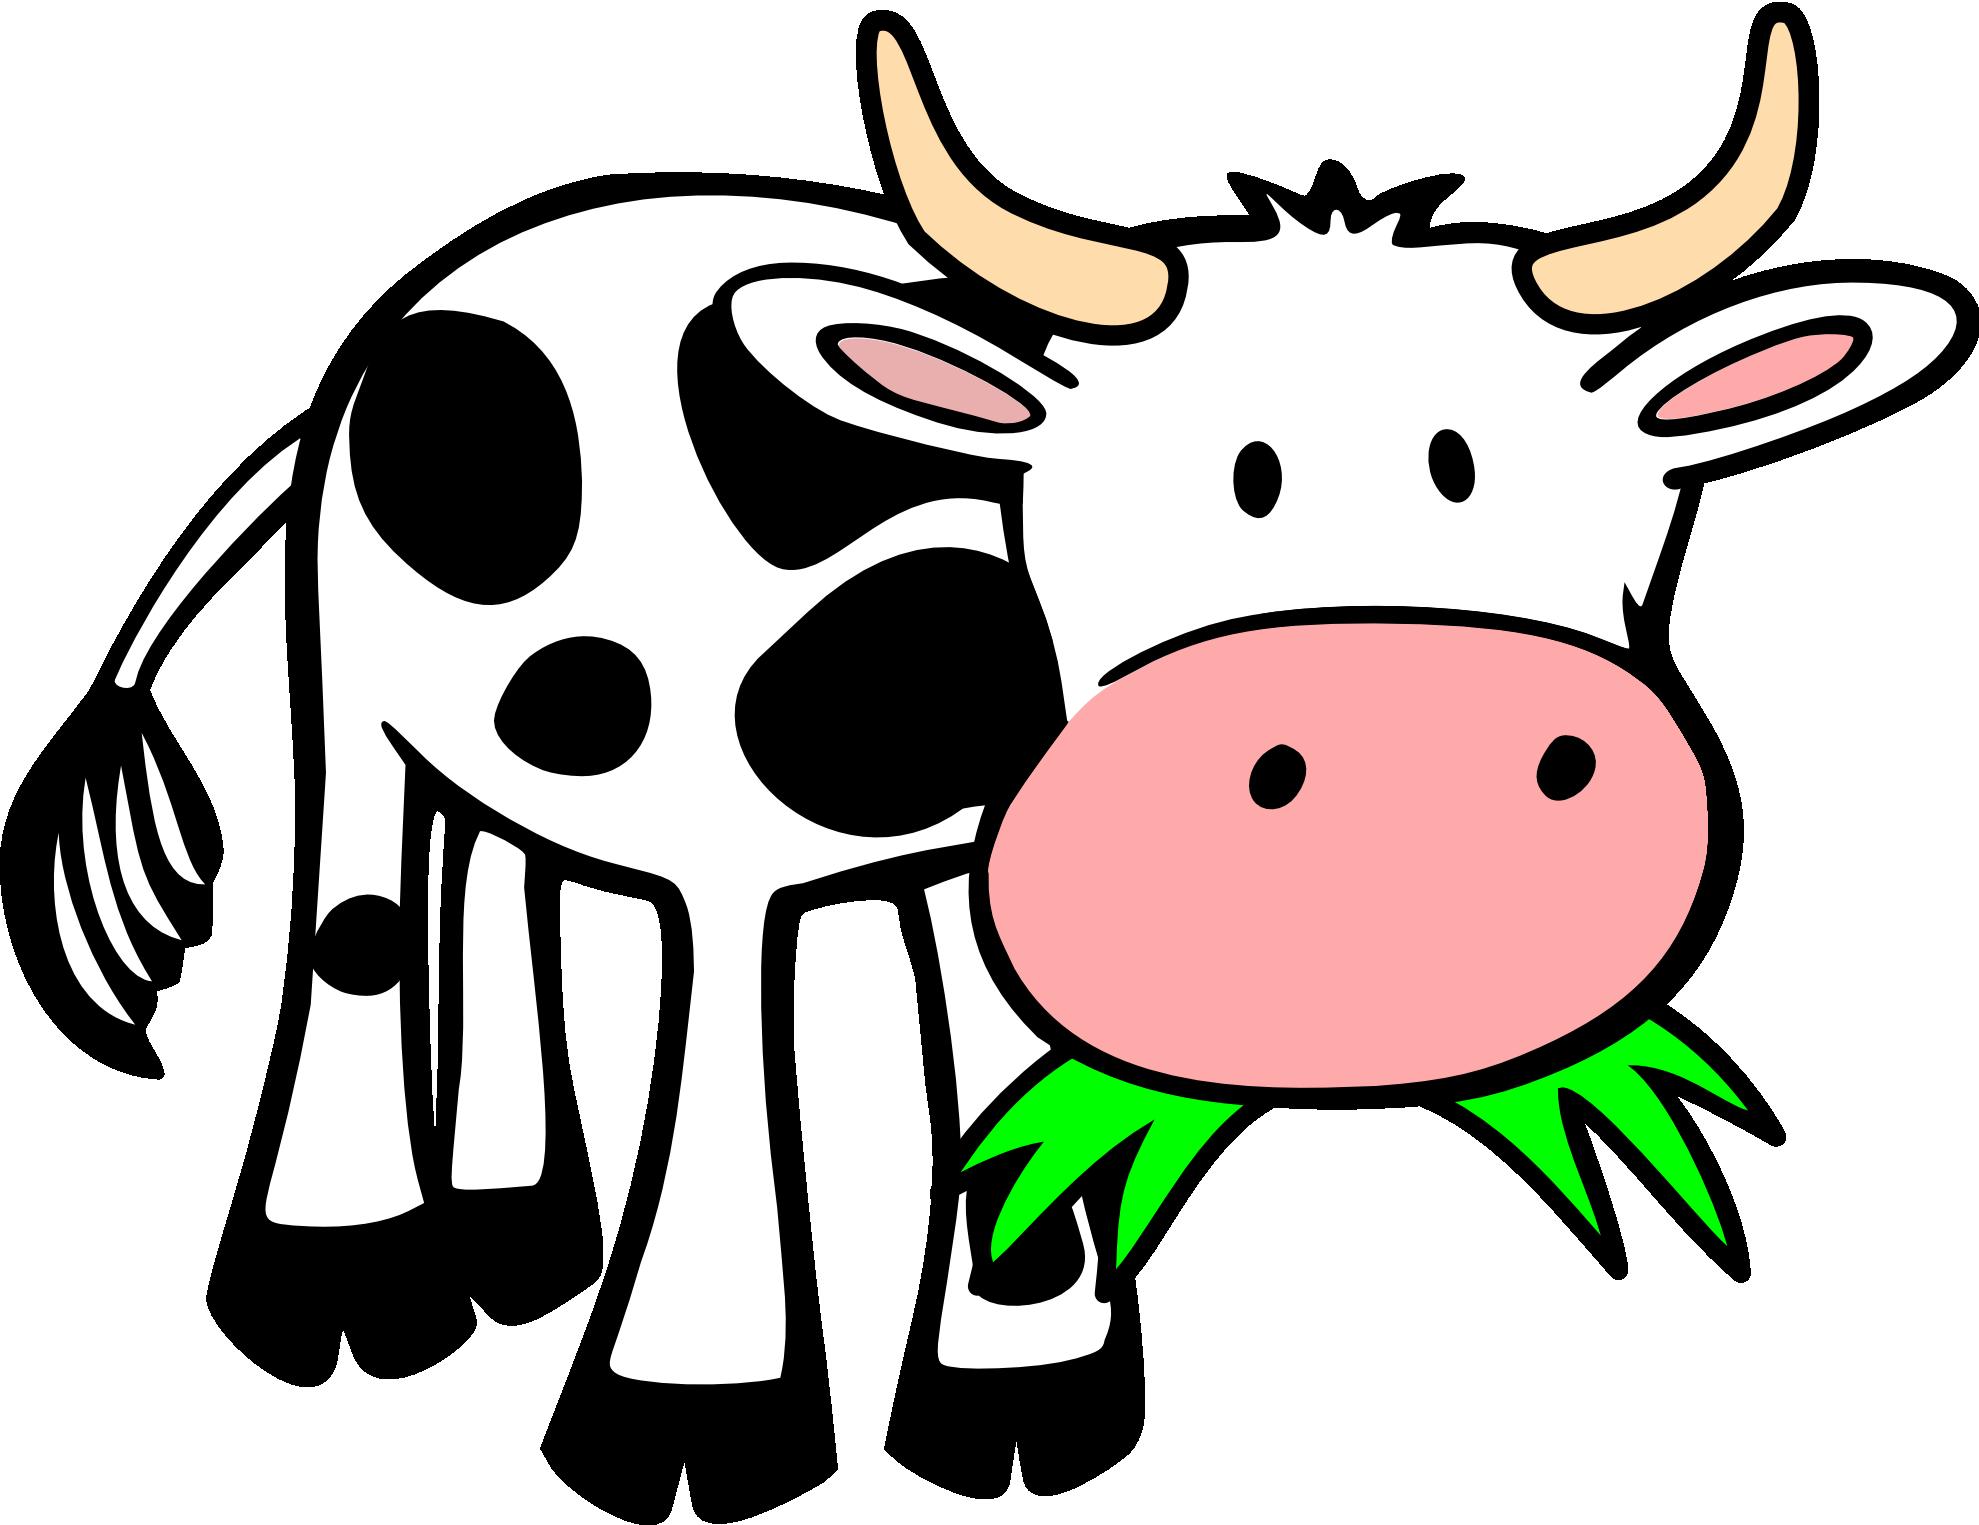 Cows clipart bone. Calam o friends on